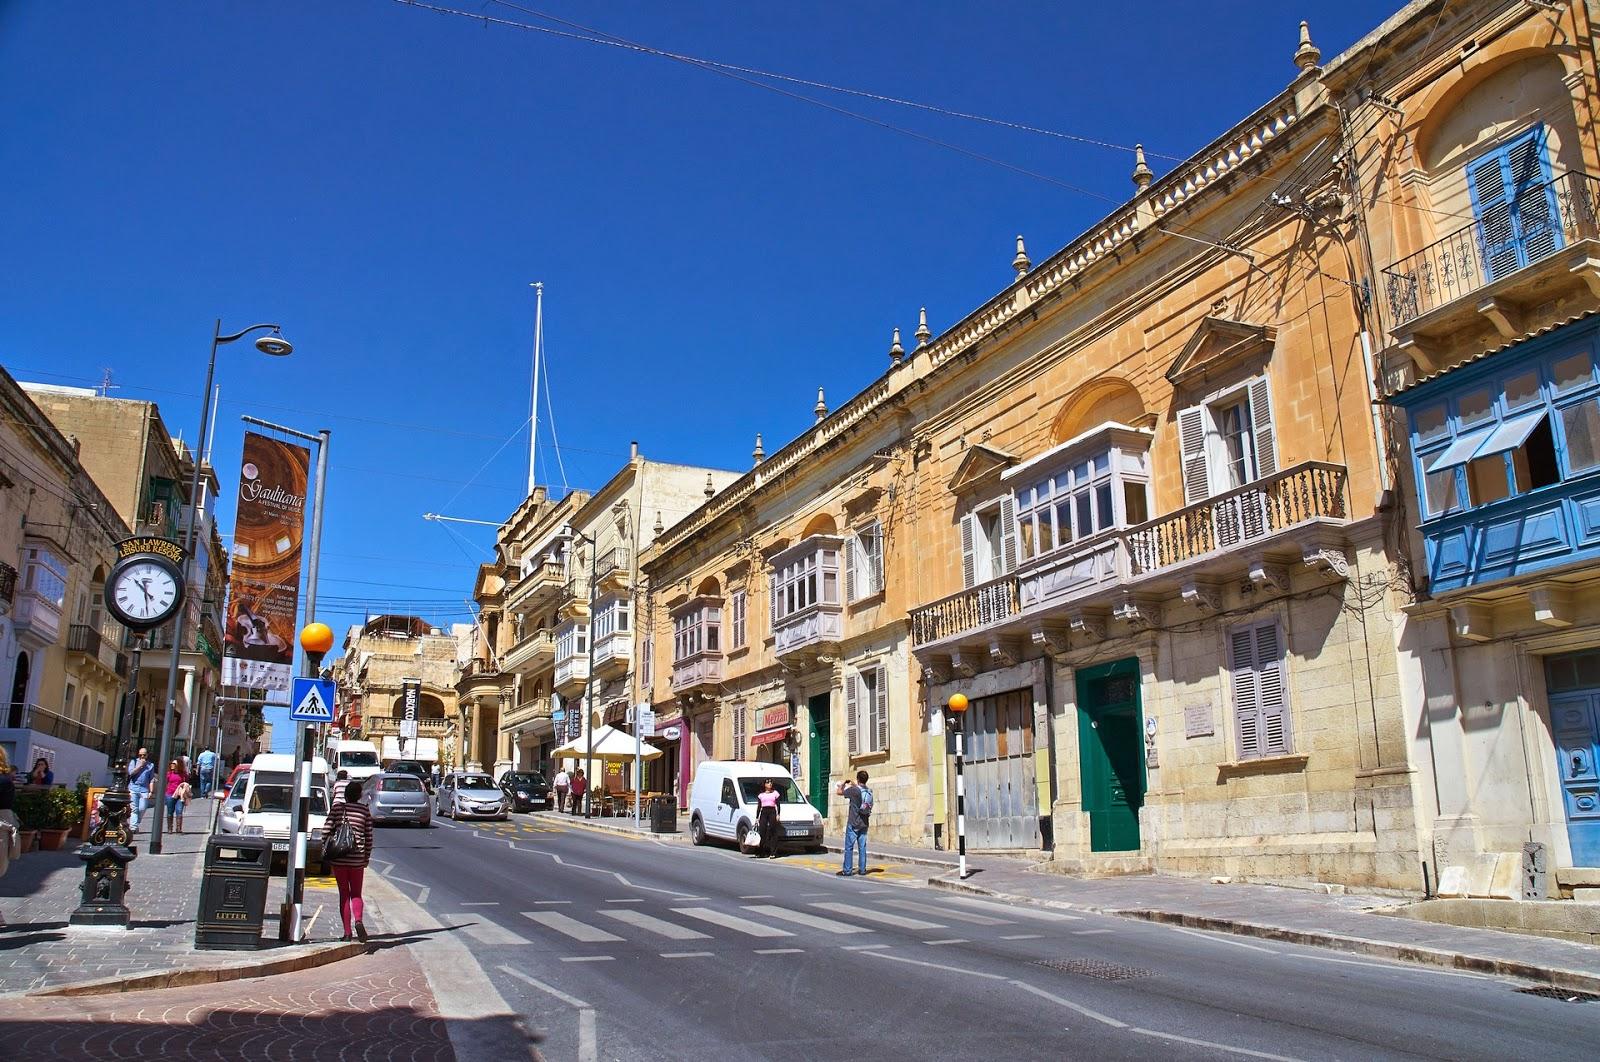 wyspa Gozo okolice Malty co warto zobaczyć?